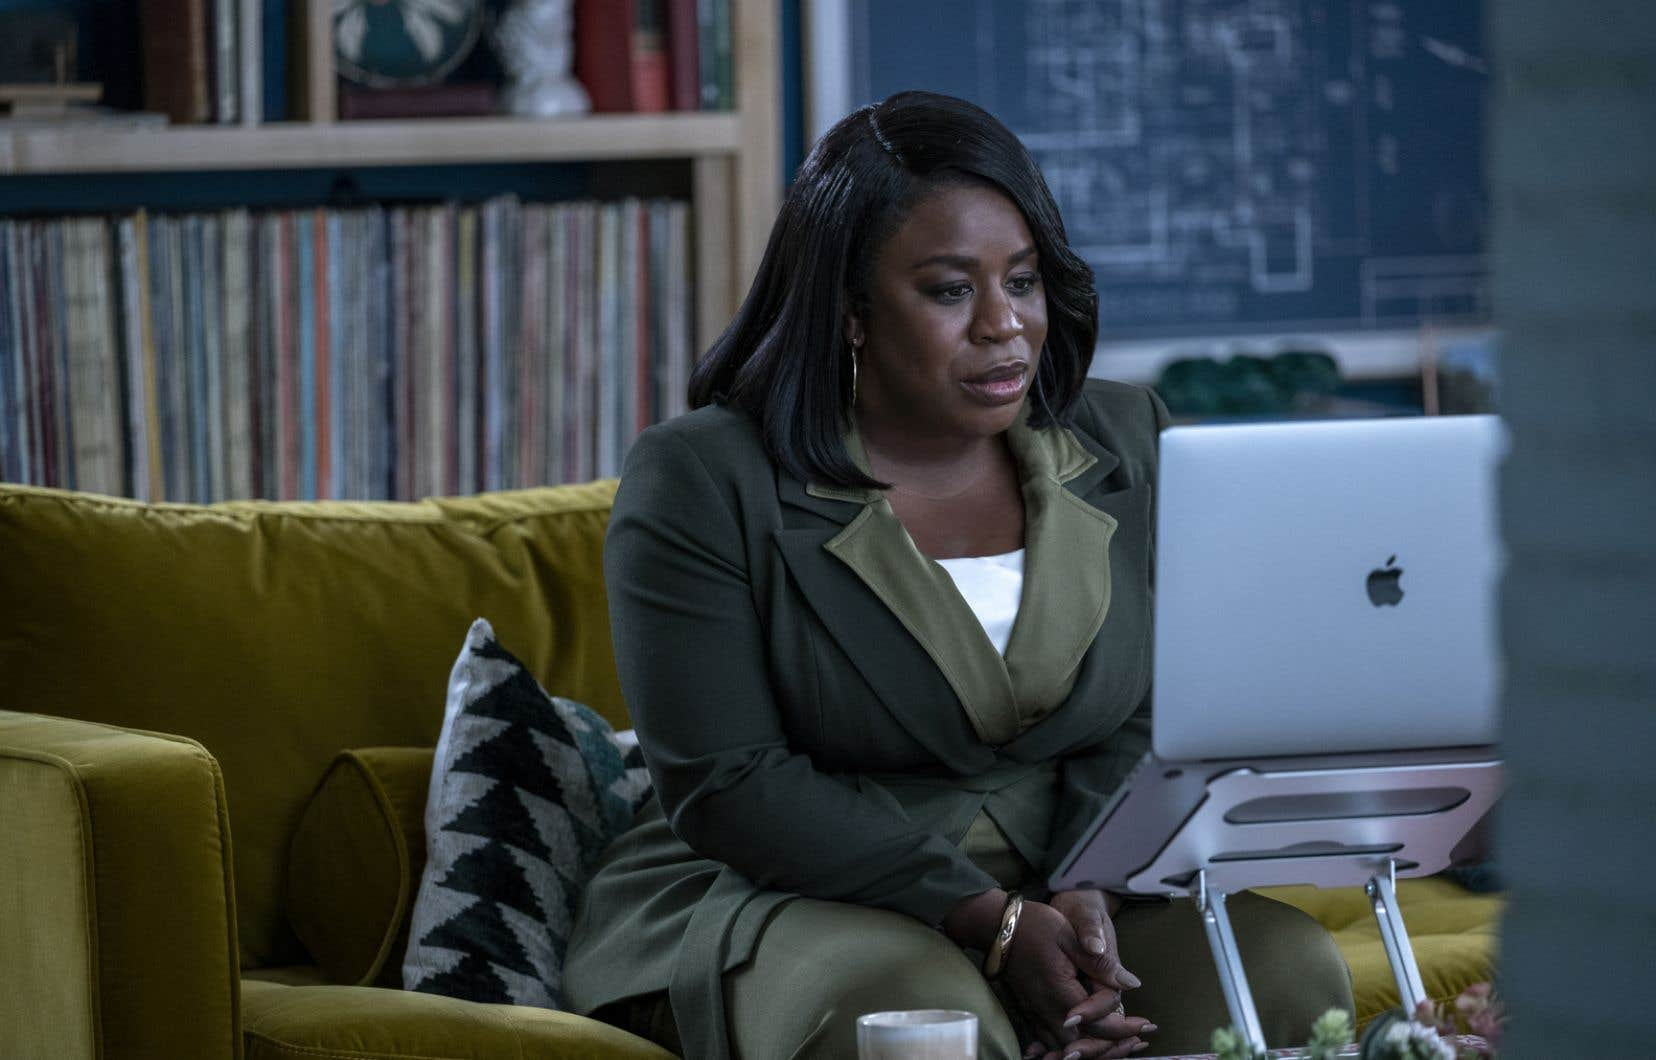 Afin d'être en phase avec l'époque, ce n'est plus un homme blanc que l'on va consulter dans cette nouvelle saison. La docteure Brook Lawrence est interprétée par Uzo Aduba, révélée au grand public en 2013 grâce à son rôle dans «Orange Is the New Black».